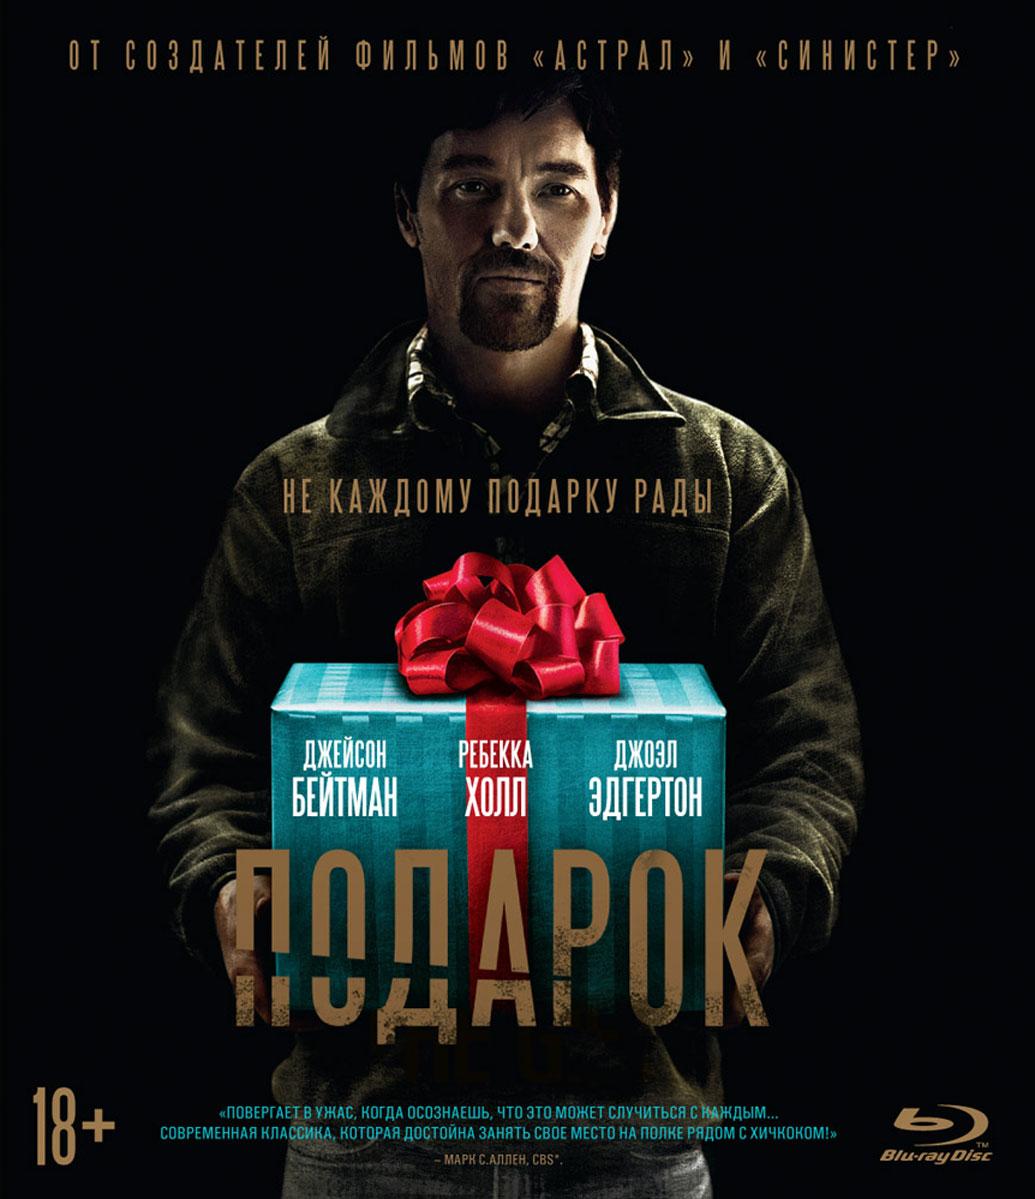 Подарок (Blu-ray)